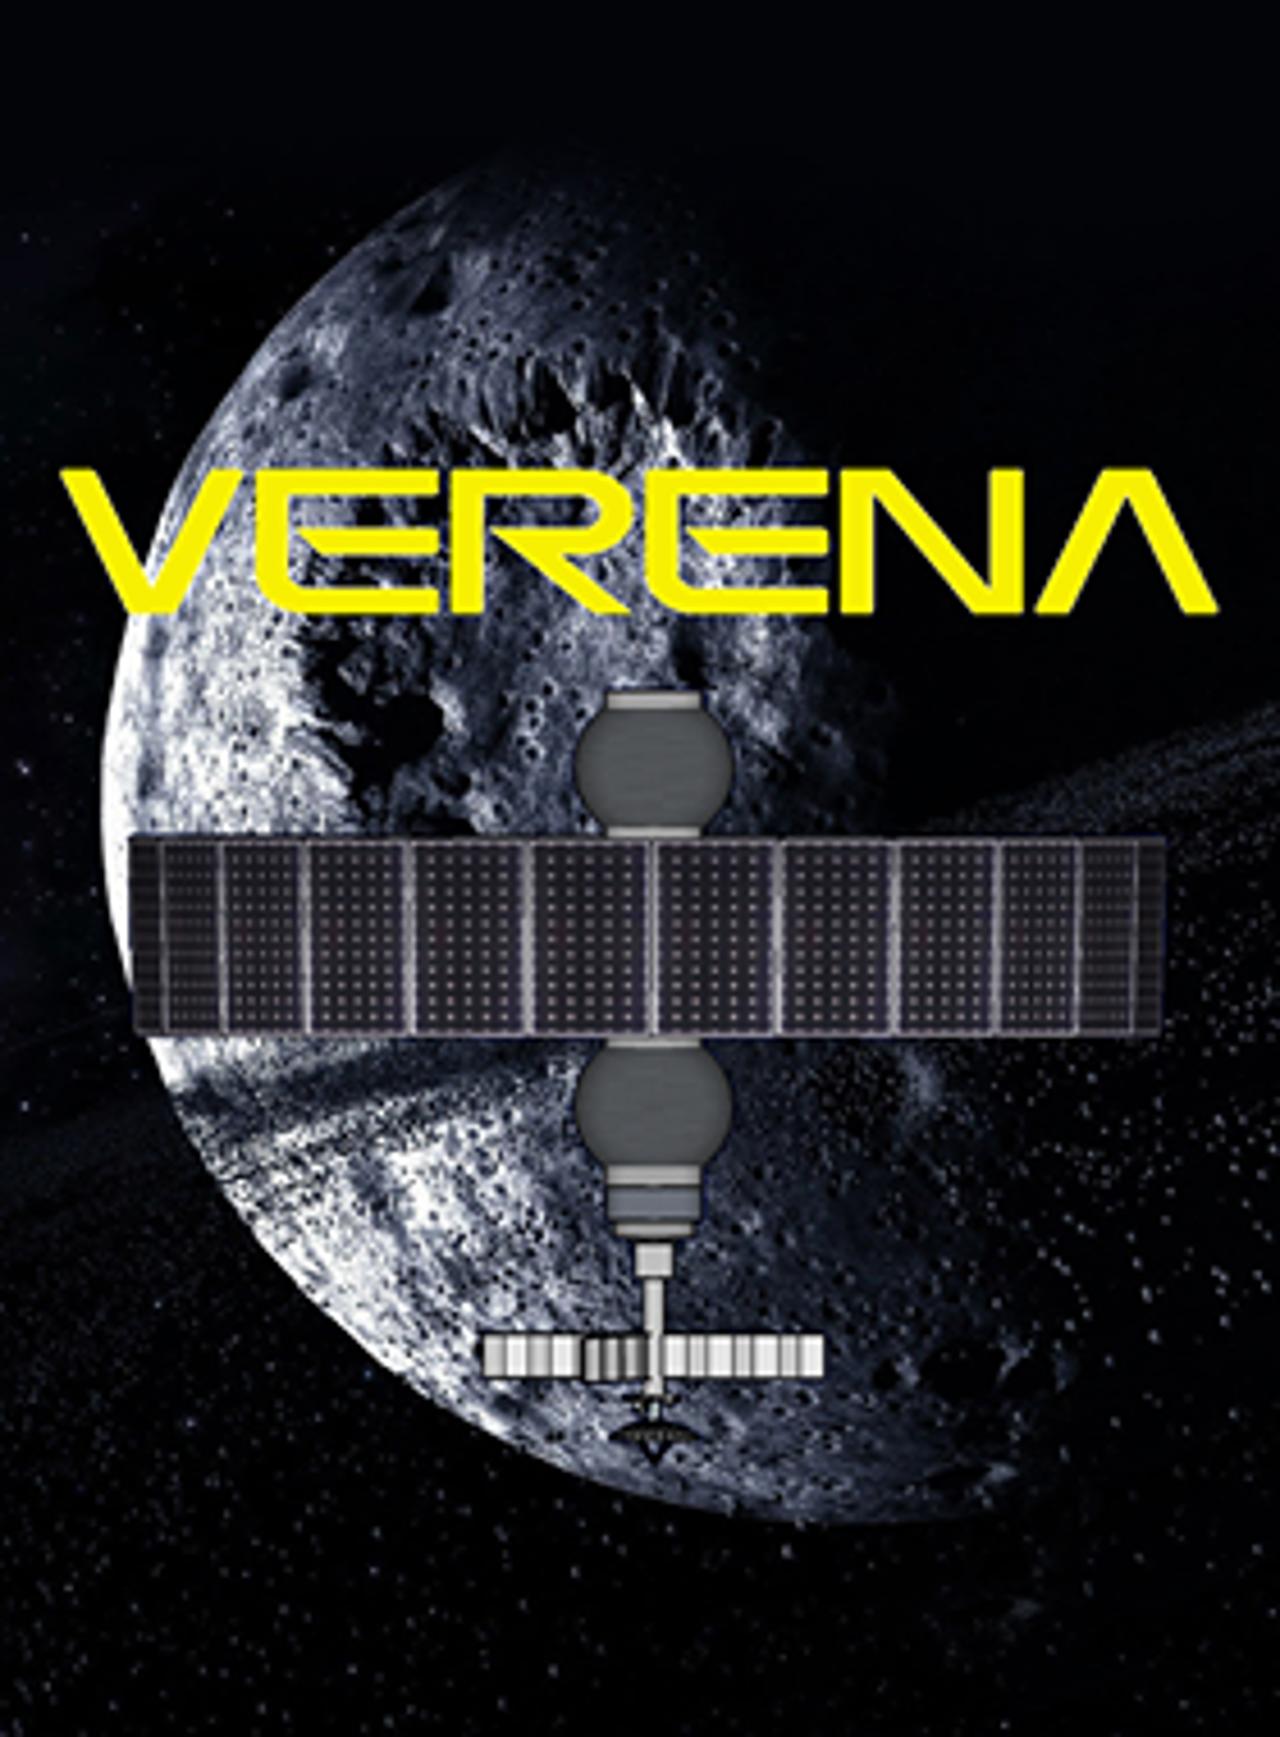 Proiect Verena